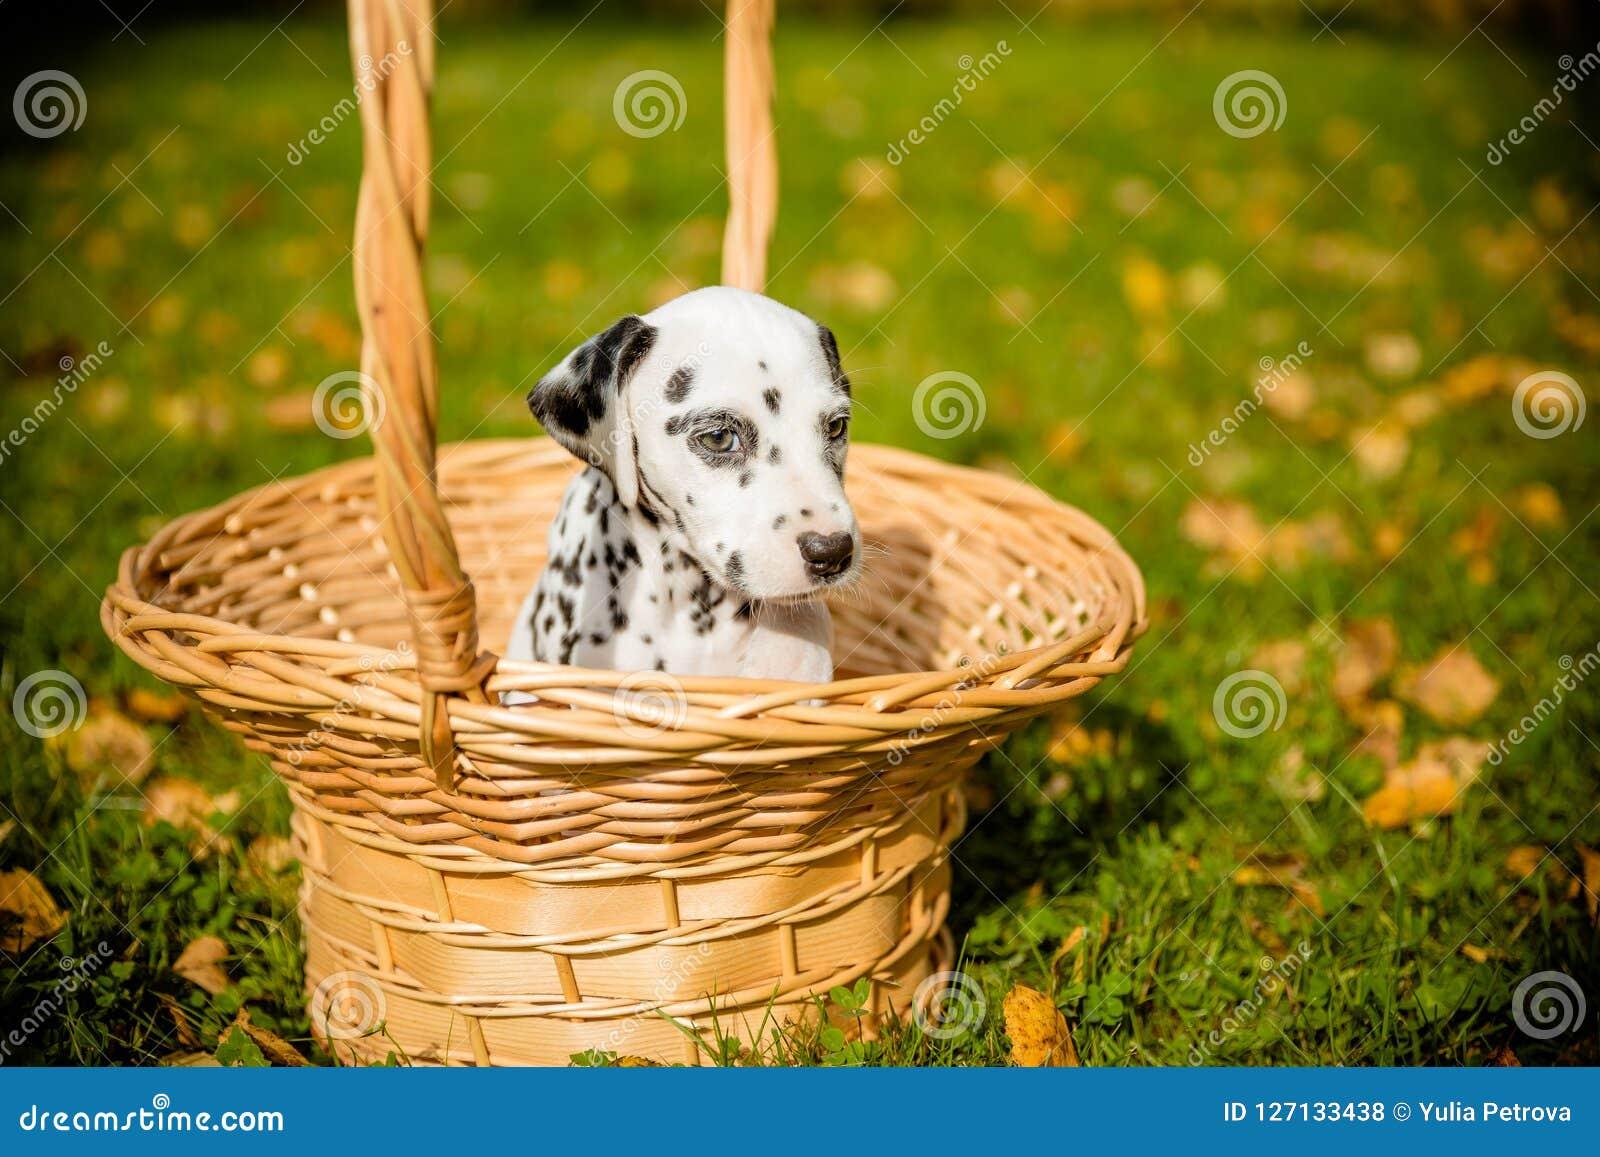 Perrito dálmata que se sienta en una cesta delante del fondo otoñal de la naturaleza Pequeño perro lindo en una cesta de mimbre e